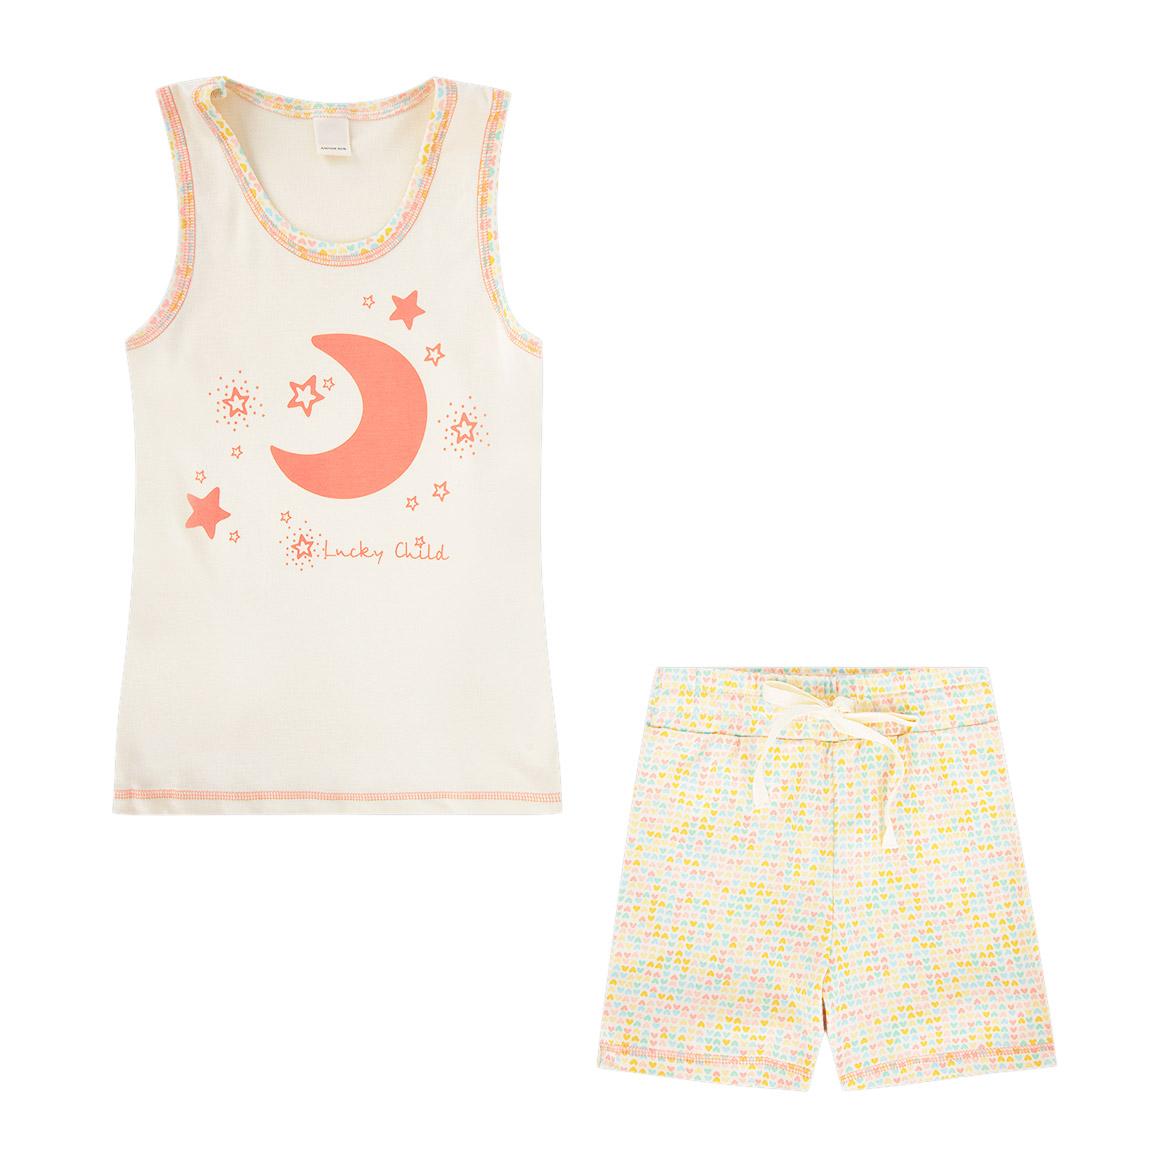 Купить Пижама Lucky Child для девочки 116-122, Бежевый, Интерлок, Для девочек, Весна-Лето,